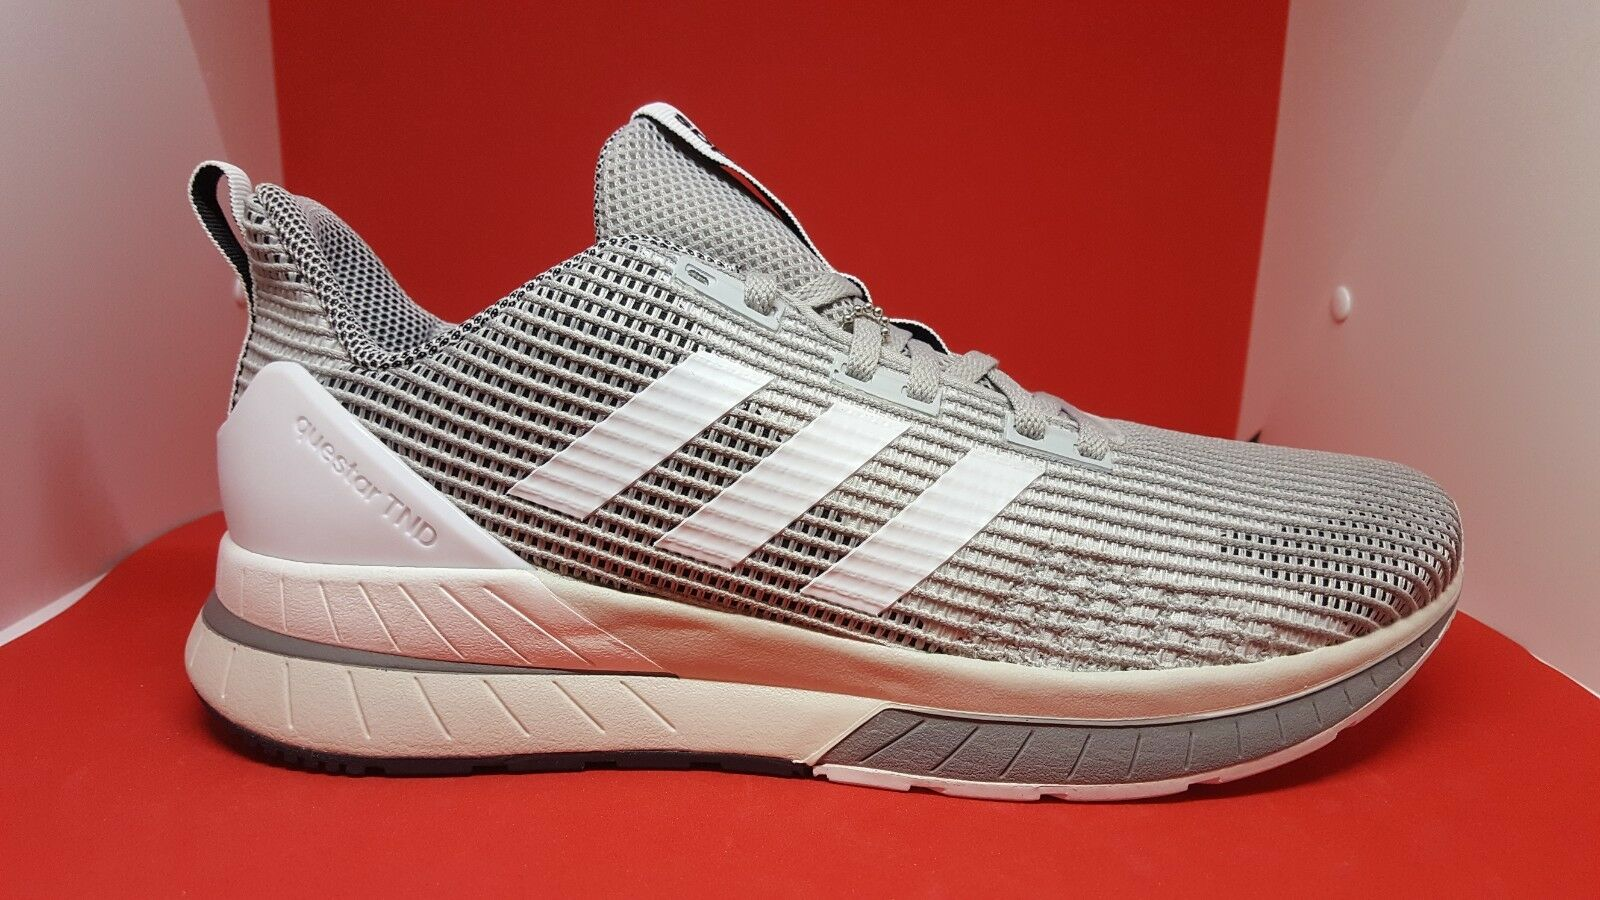 Adidas uomini sz sz uomini 8,5 questar e scarpe da corsa db1624 grigio 1d00c0